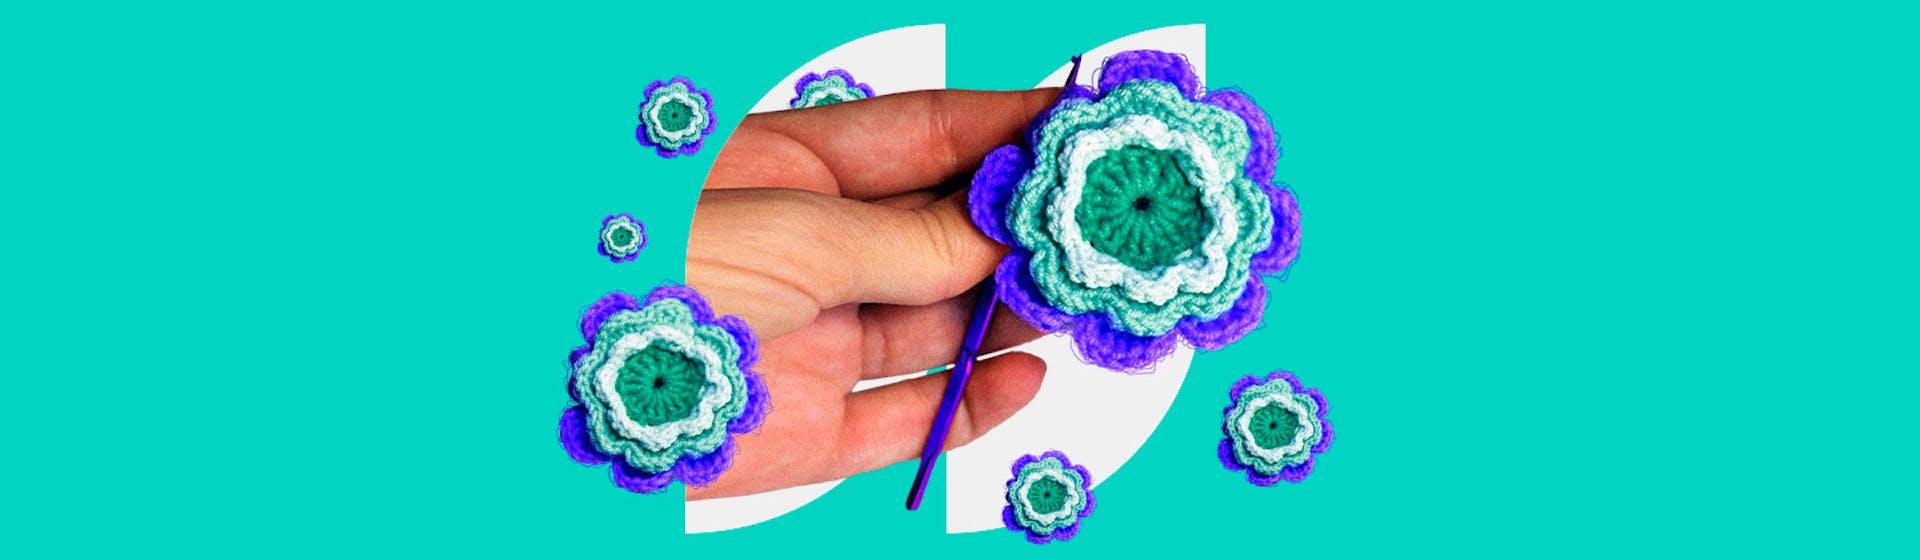 ¿Cómo hacer rosas en crochet? Una guía práctica que enamora a cualquiera